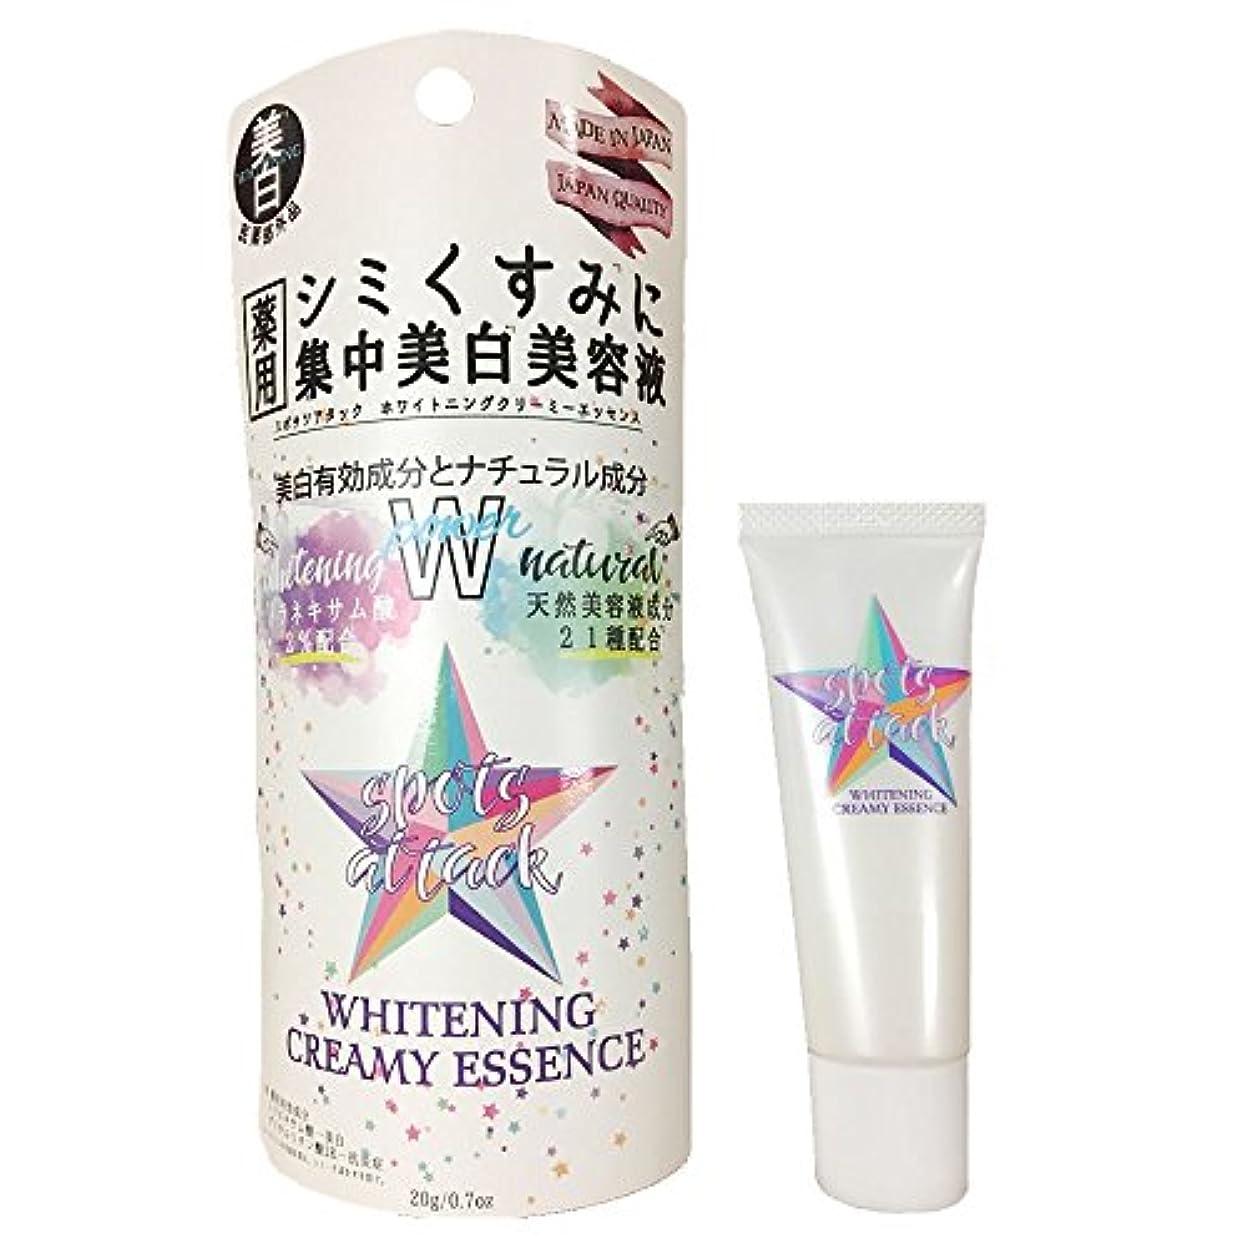 常に大工受け入れる美白美容液 スポッツアタック ホワイトニングクリーミーエッセンス 20g